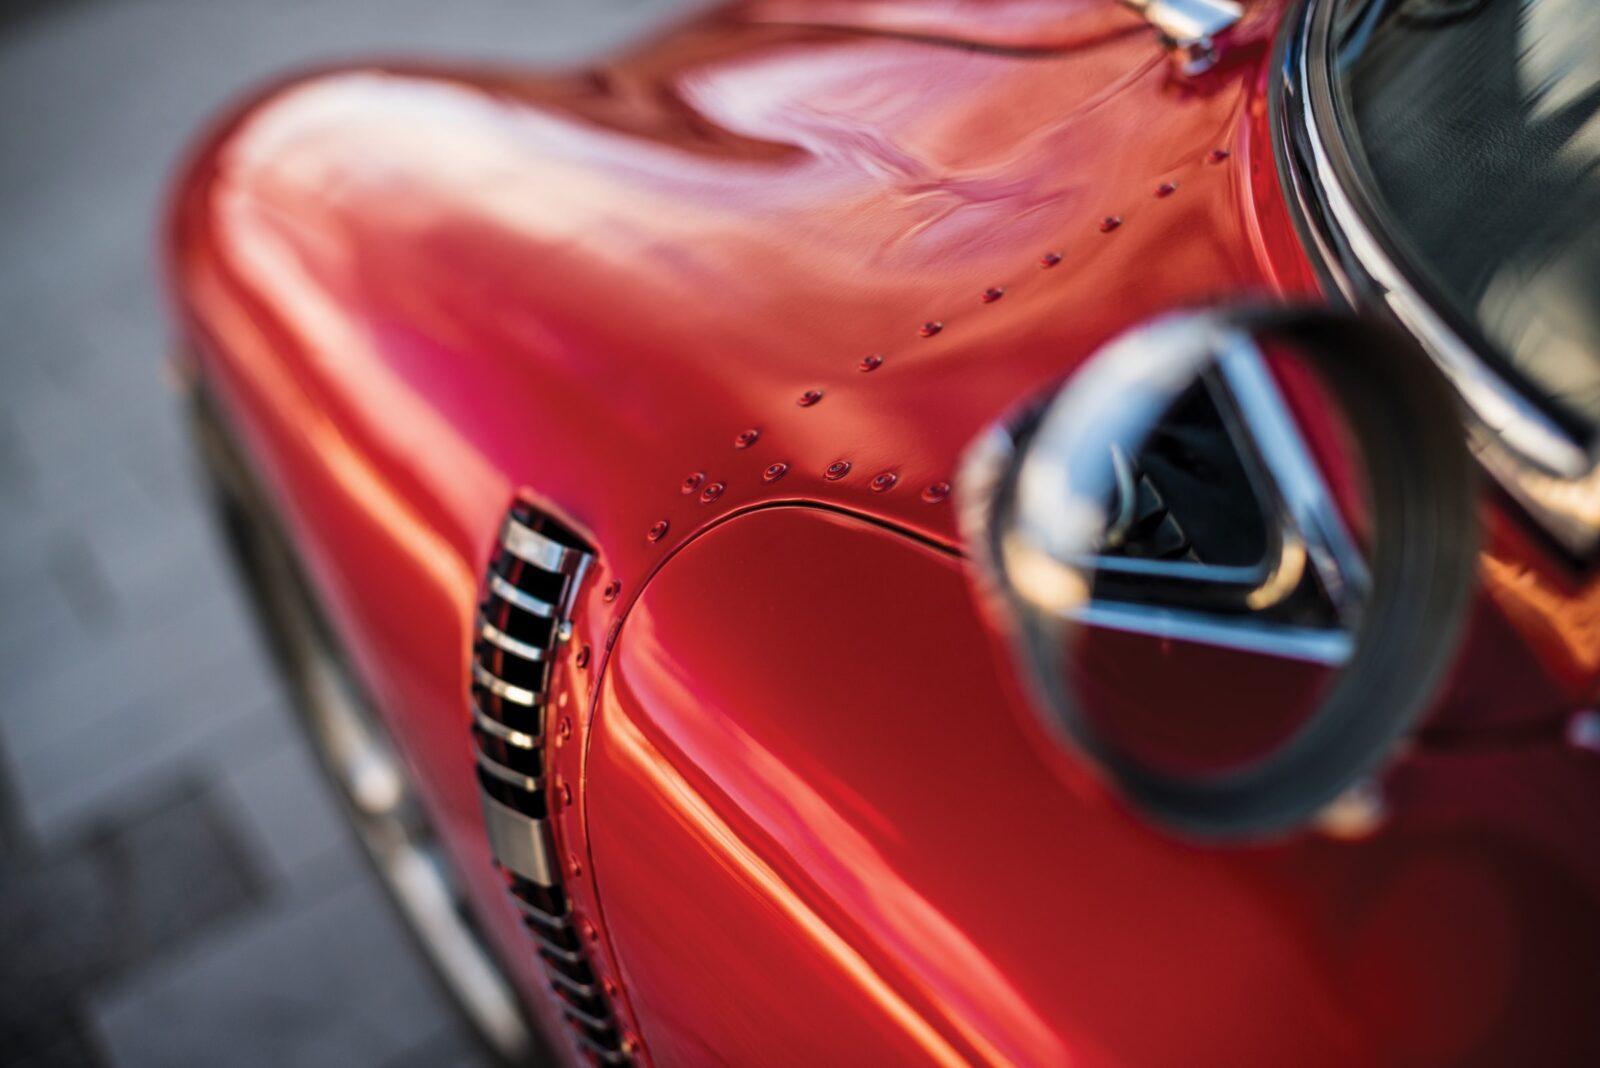 iso grifo a3 c car 17 1600x1068 - Johnny Hallyday's 1965 Iso Grifo A3/C